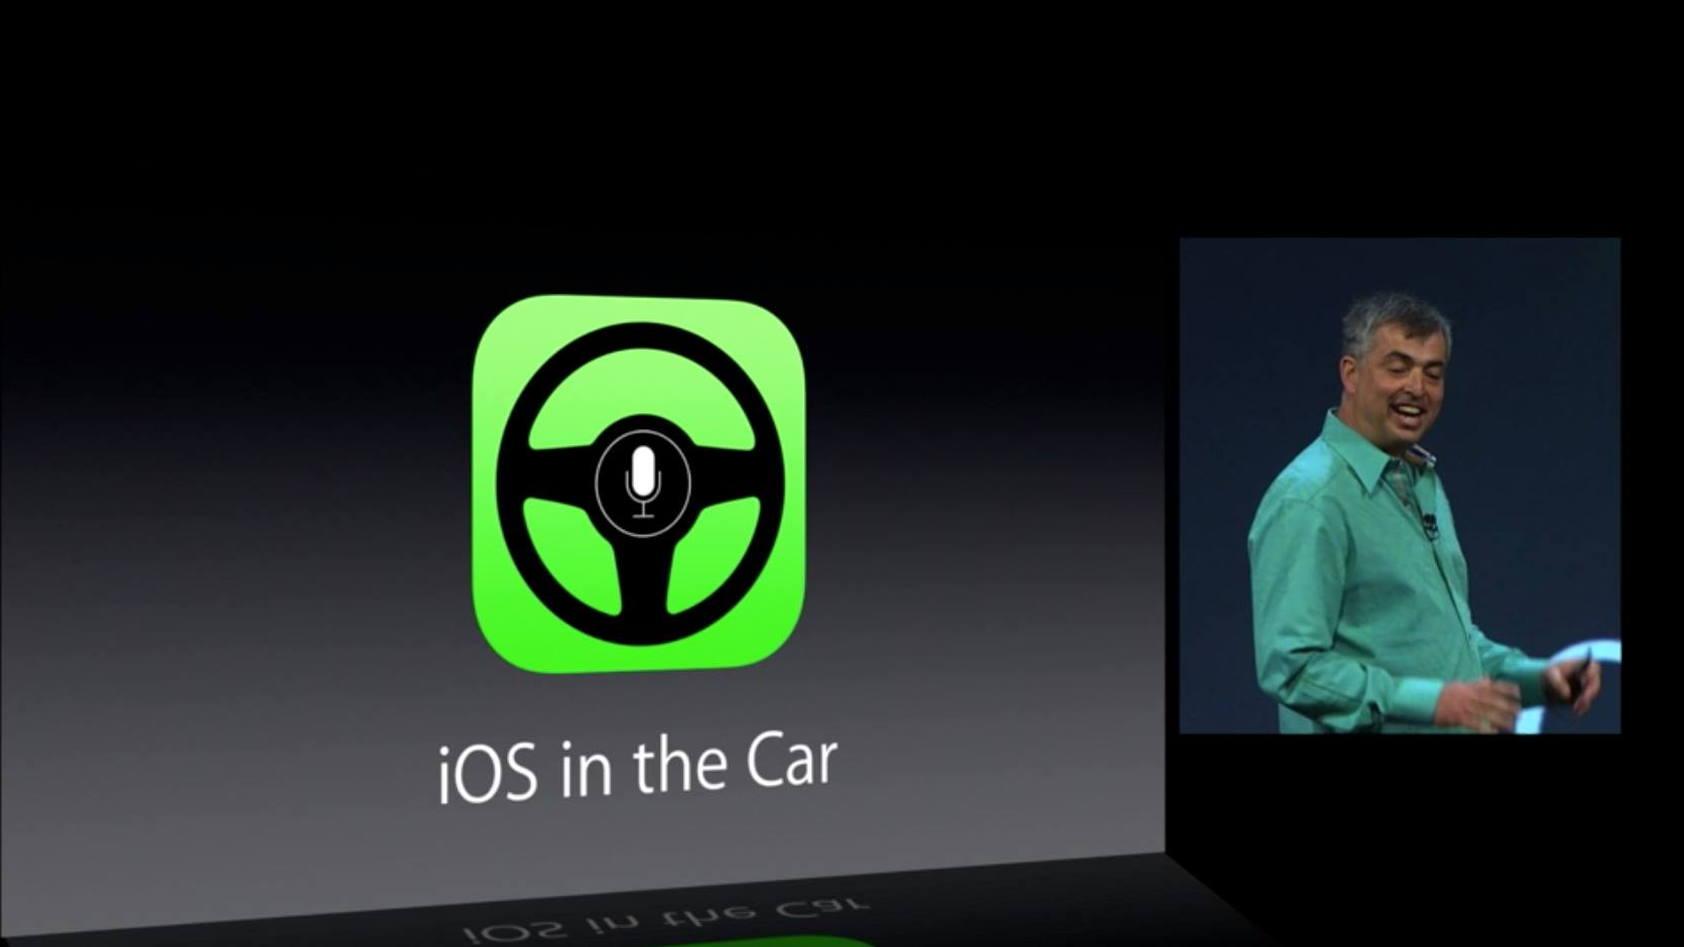 Apple's iOS in the Car App